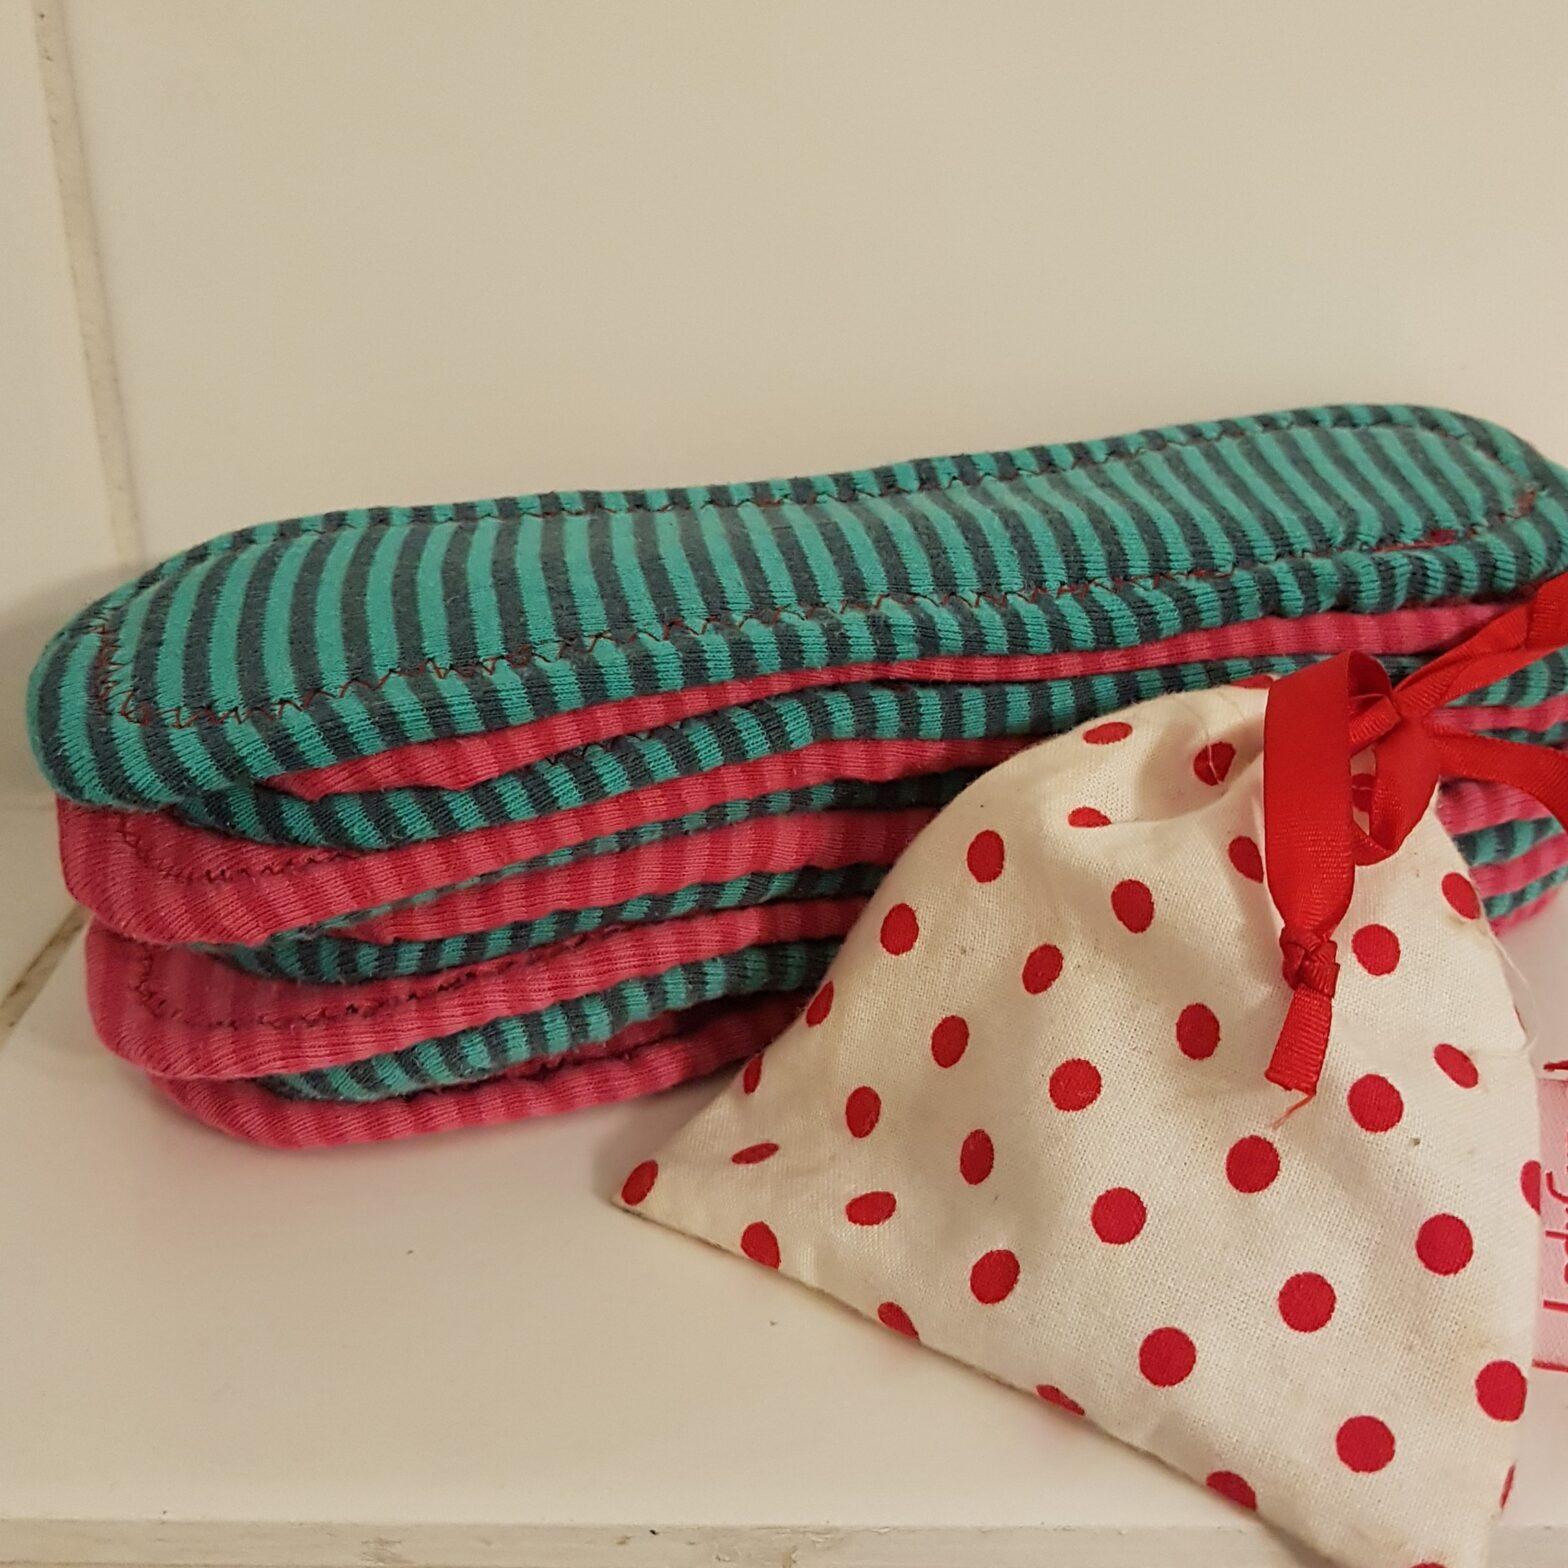 Menstruationstasse und selbstgenähte Damenbinden - müllfreie Monatshygiene